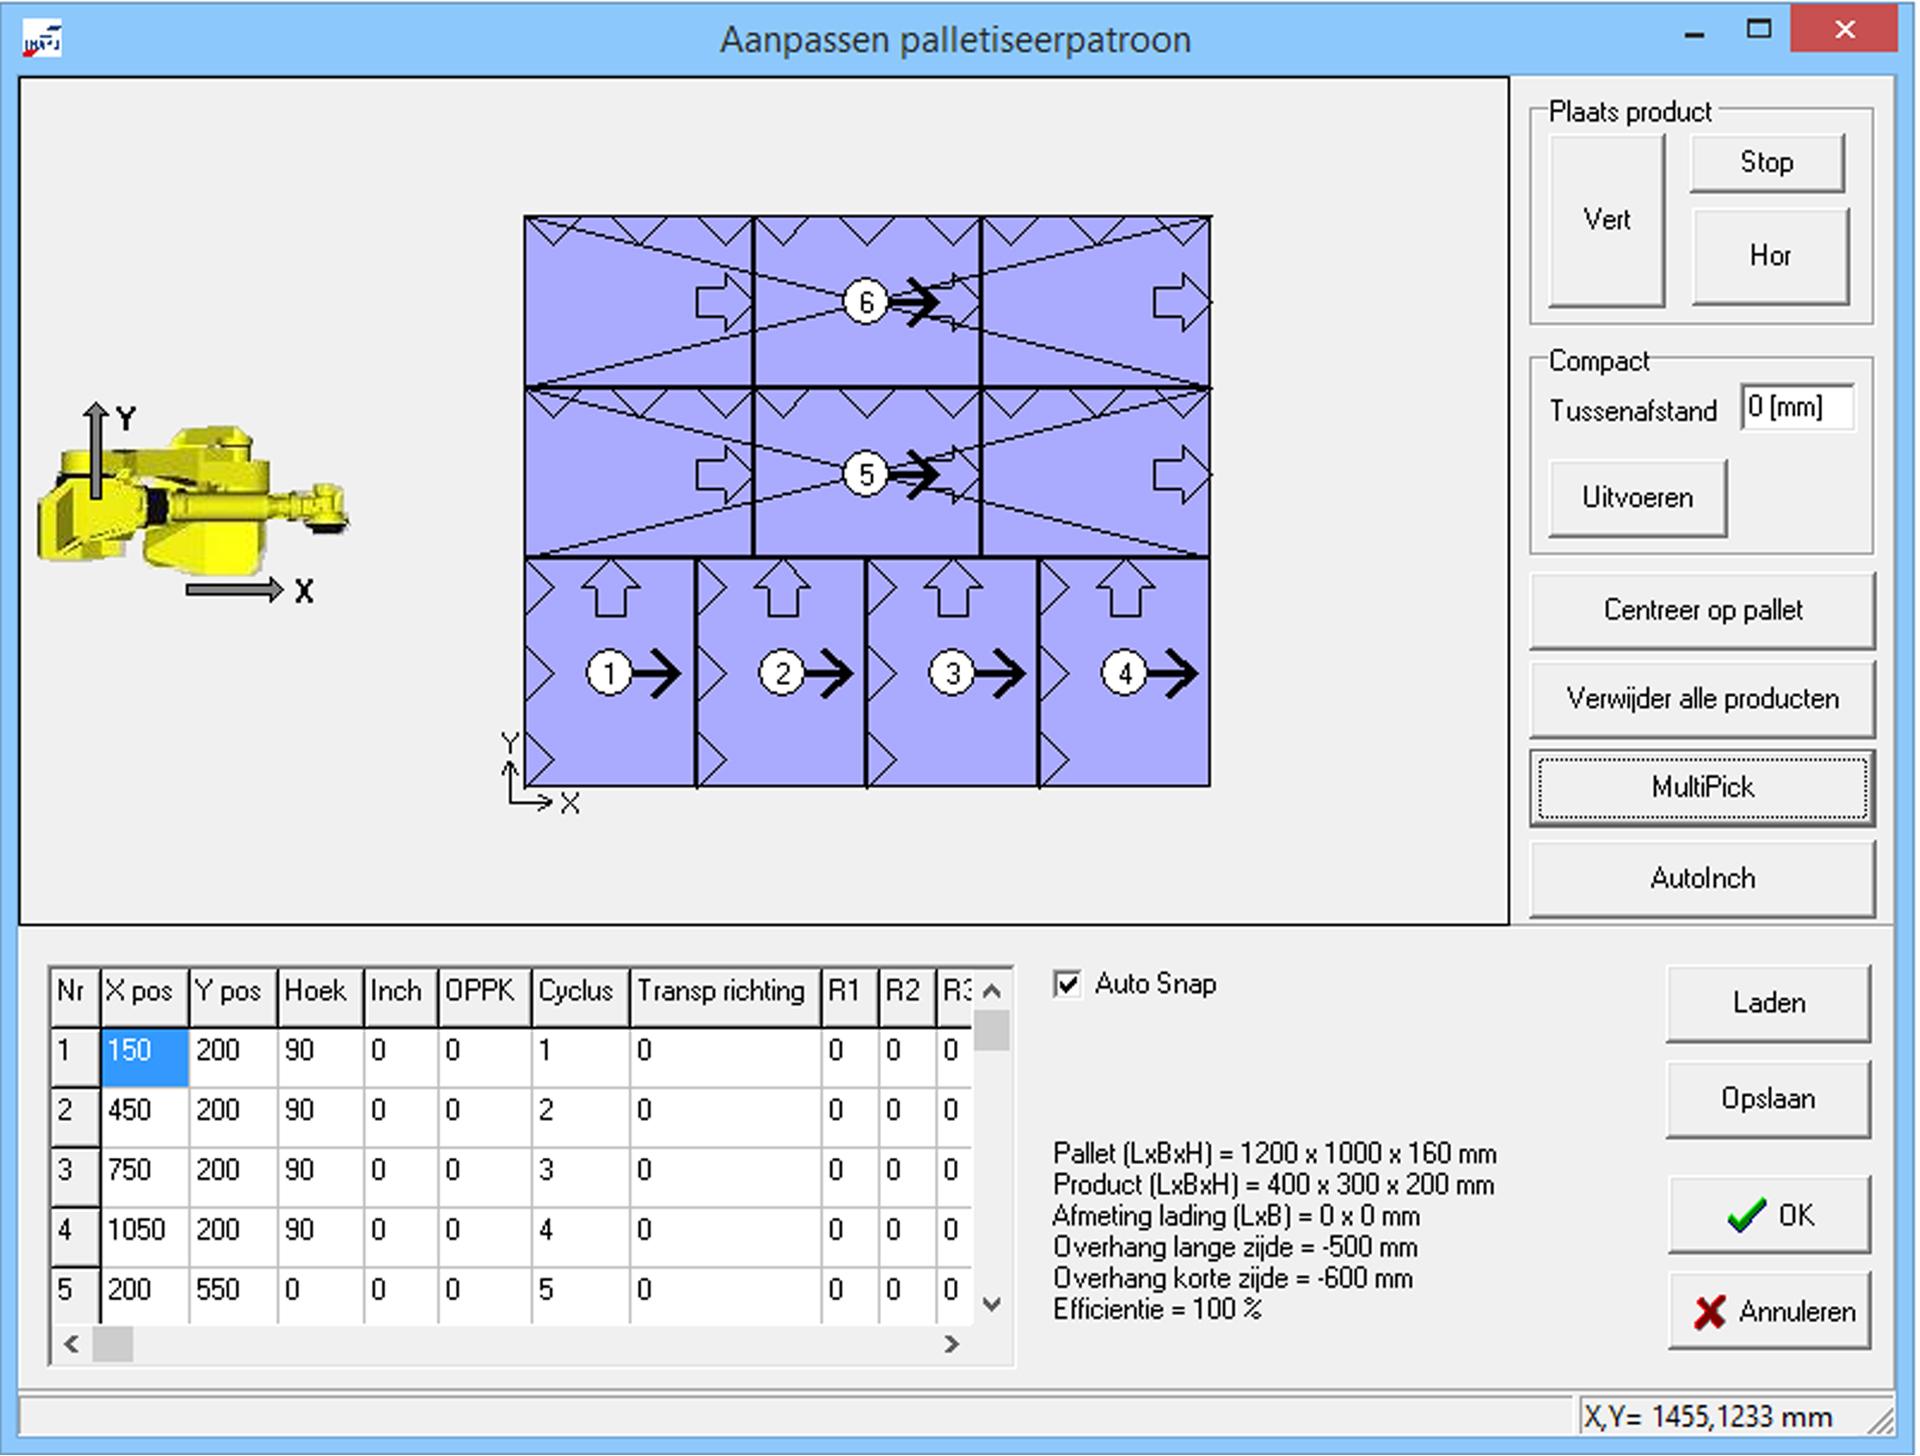 Trapo PSD: software voor ontwerpen stapelpatronen